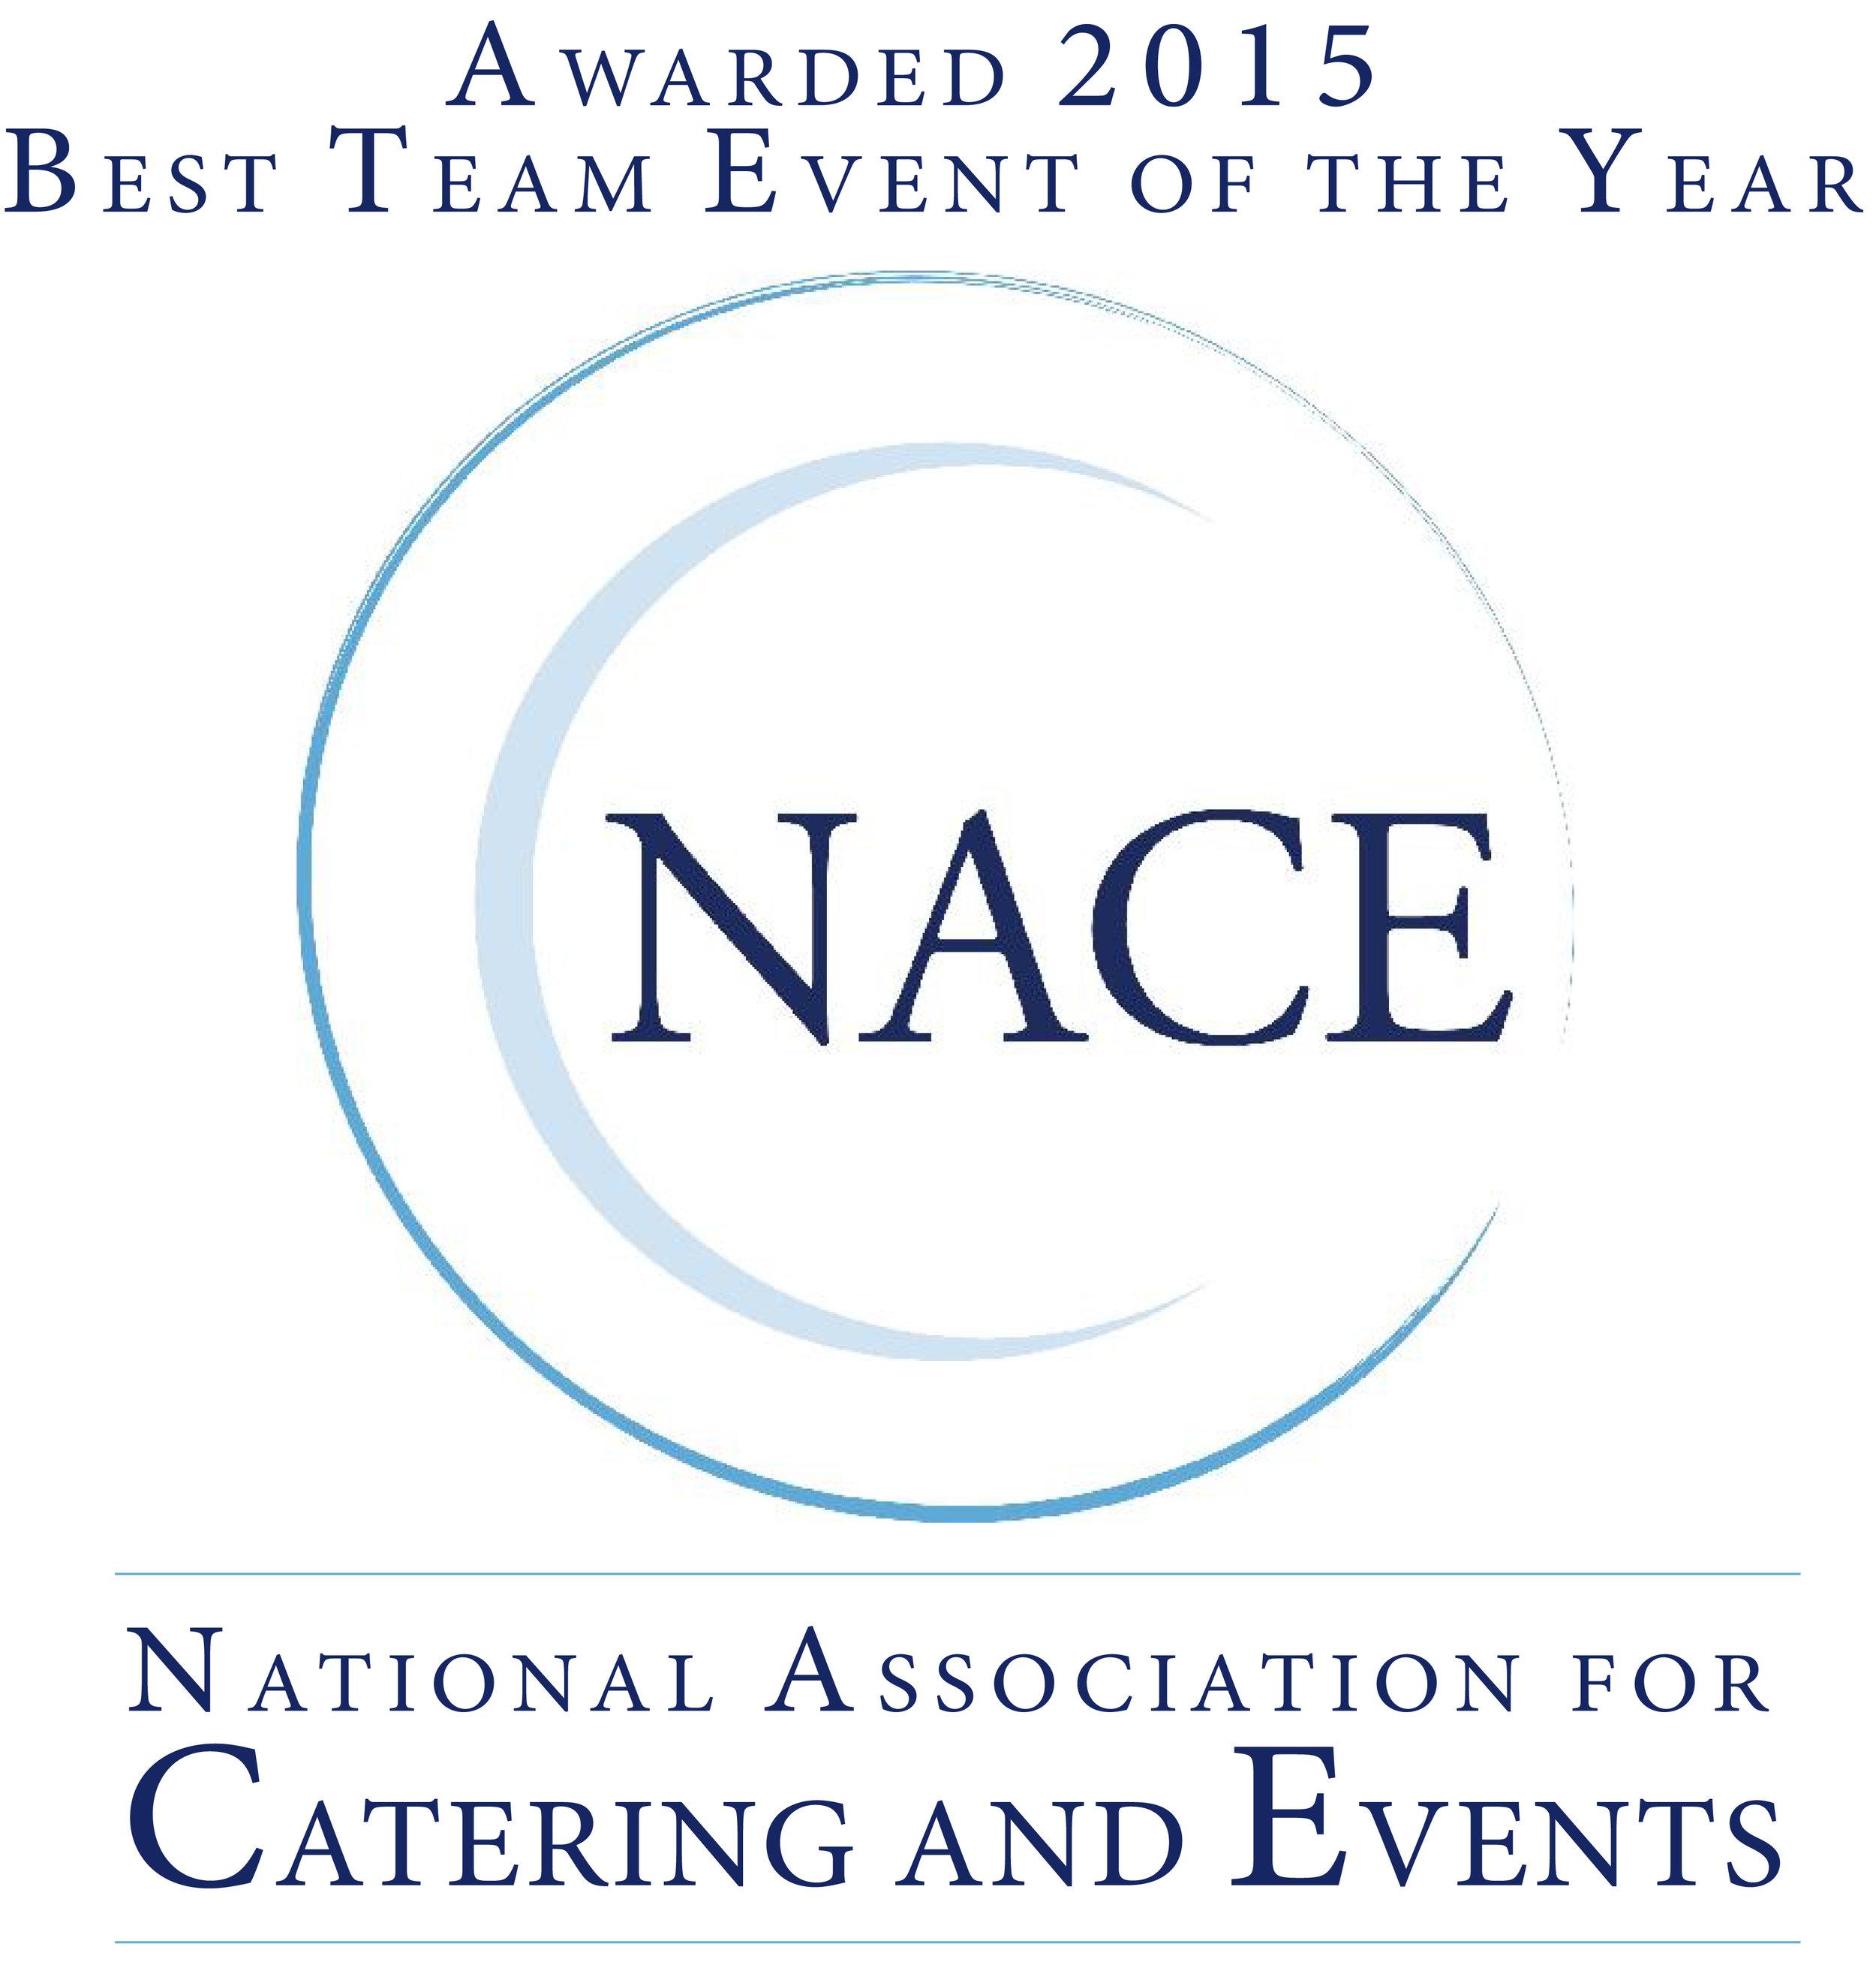 NACE Logo_National Award Winner_2015.jpg